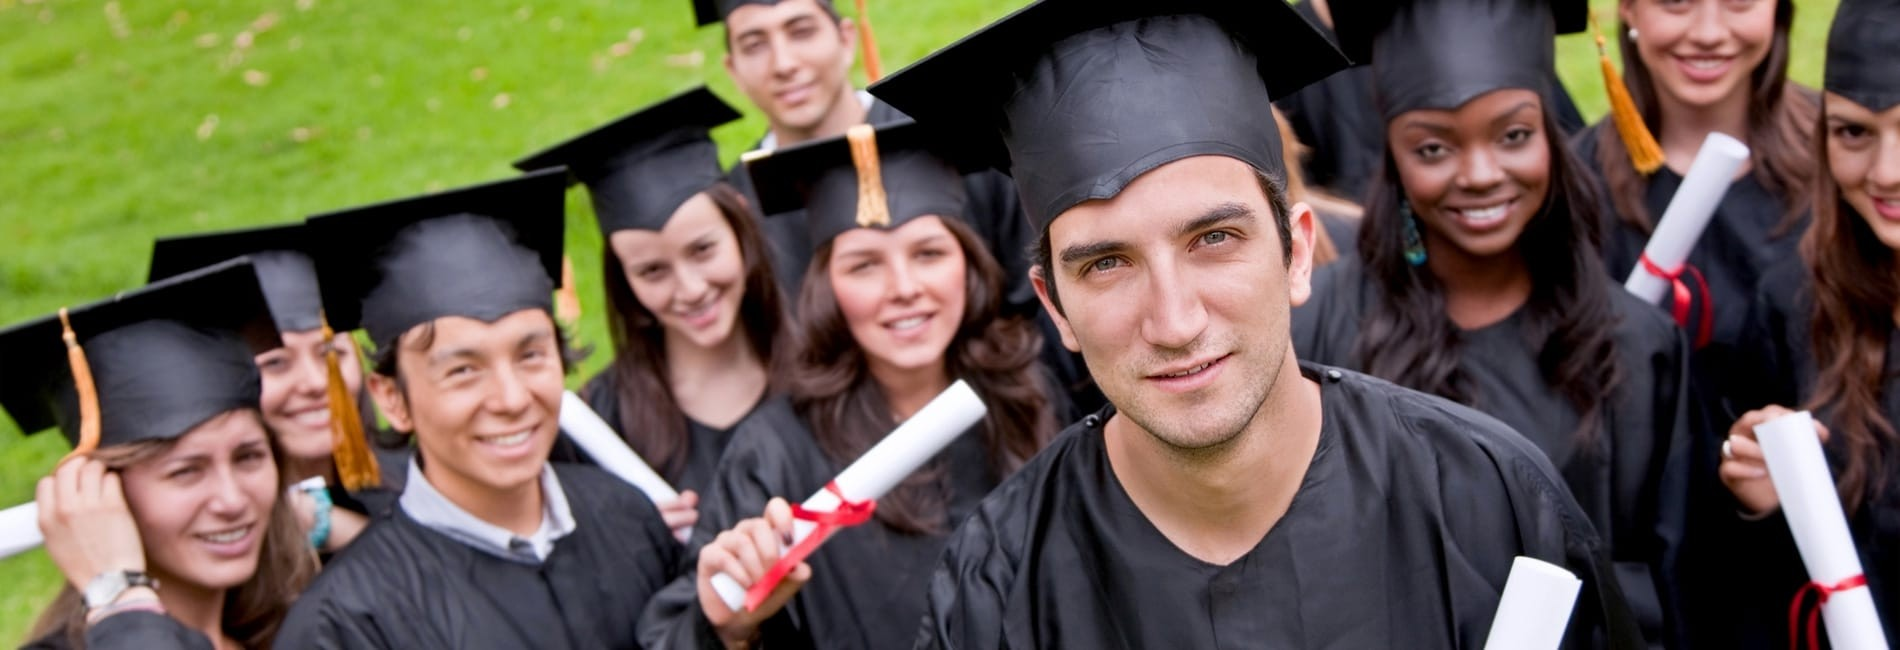 College-Graduates-Banner